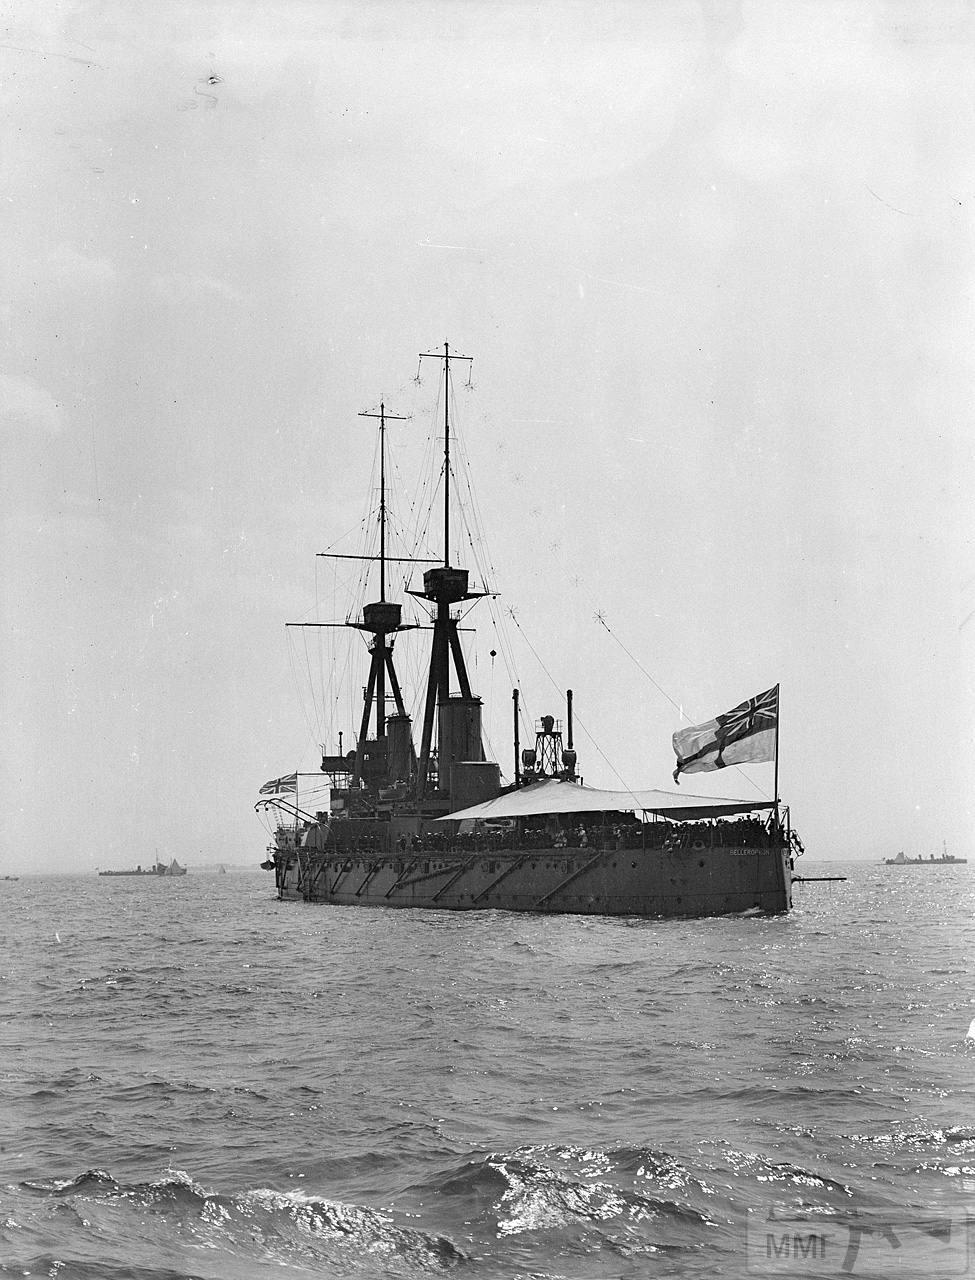 37512 - HMS Bellerophon